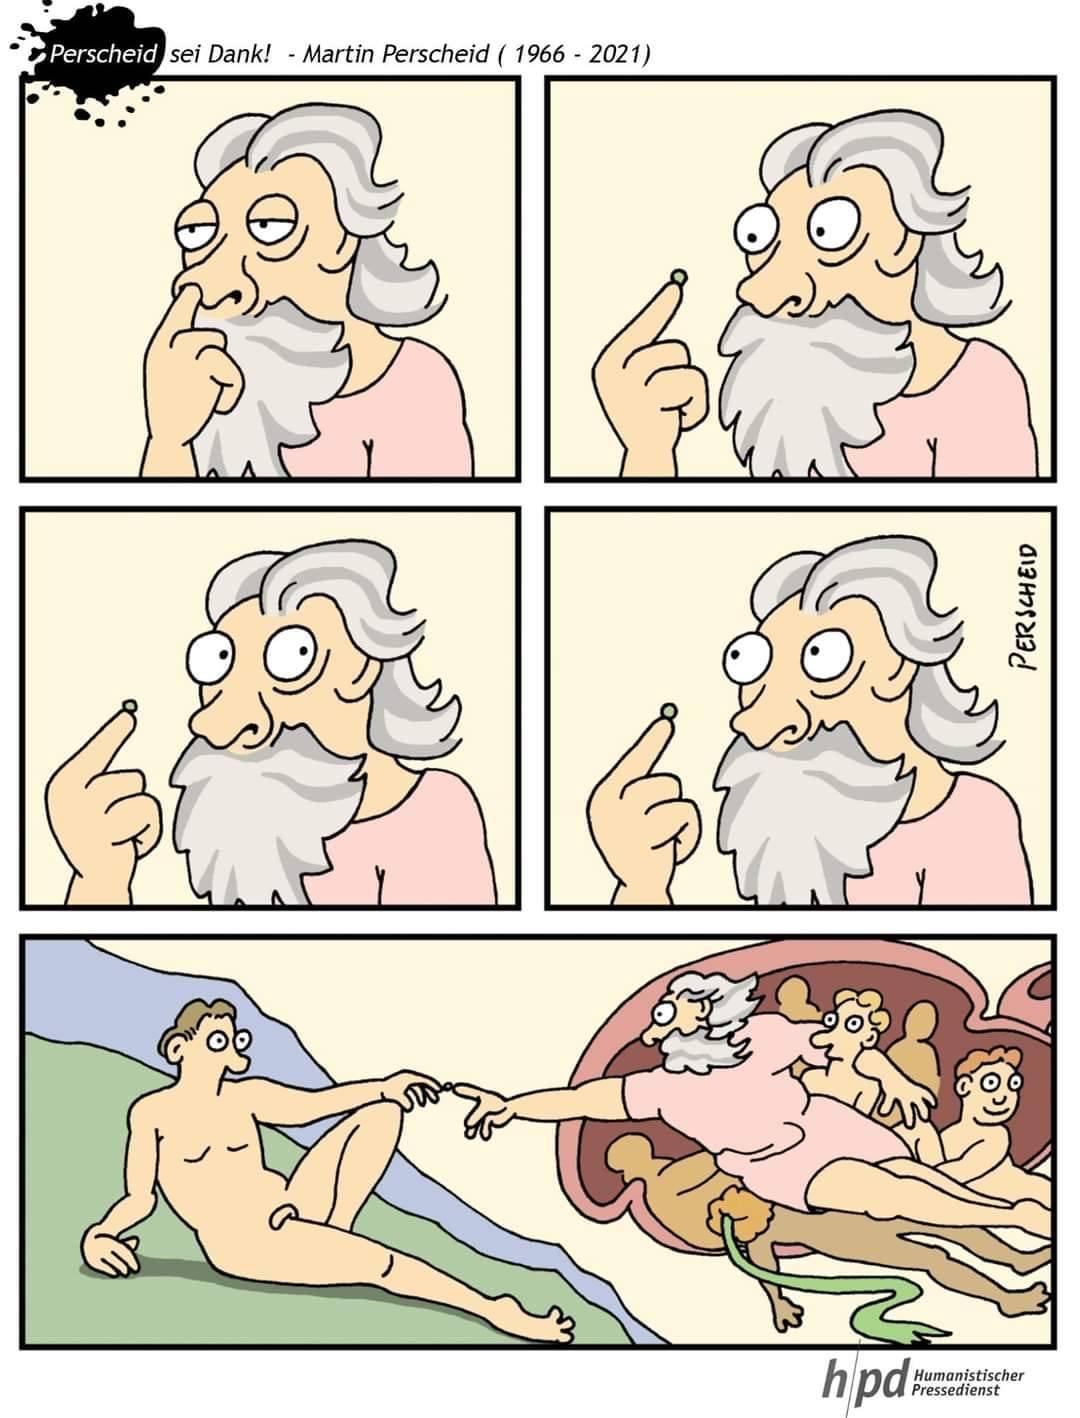 Pormenores de la creación.